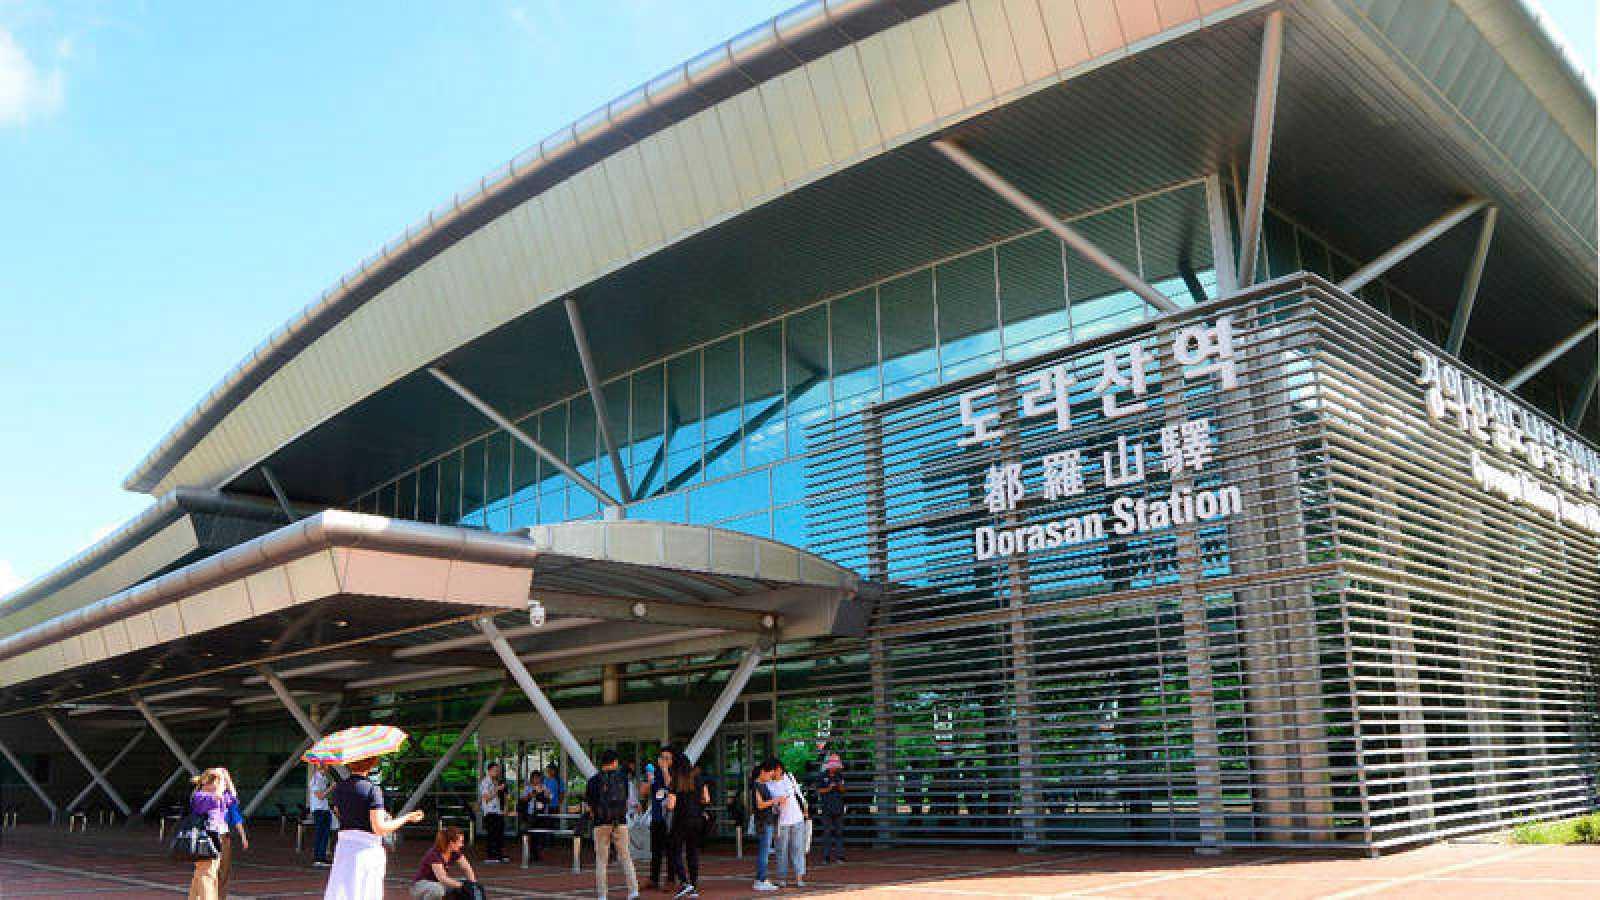 La estación de Dorasan está situada a 650 km de la frontera entre Corea del Norte y Corea del Sur